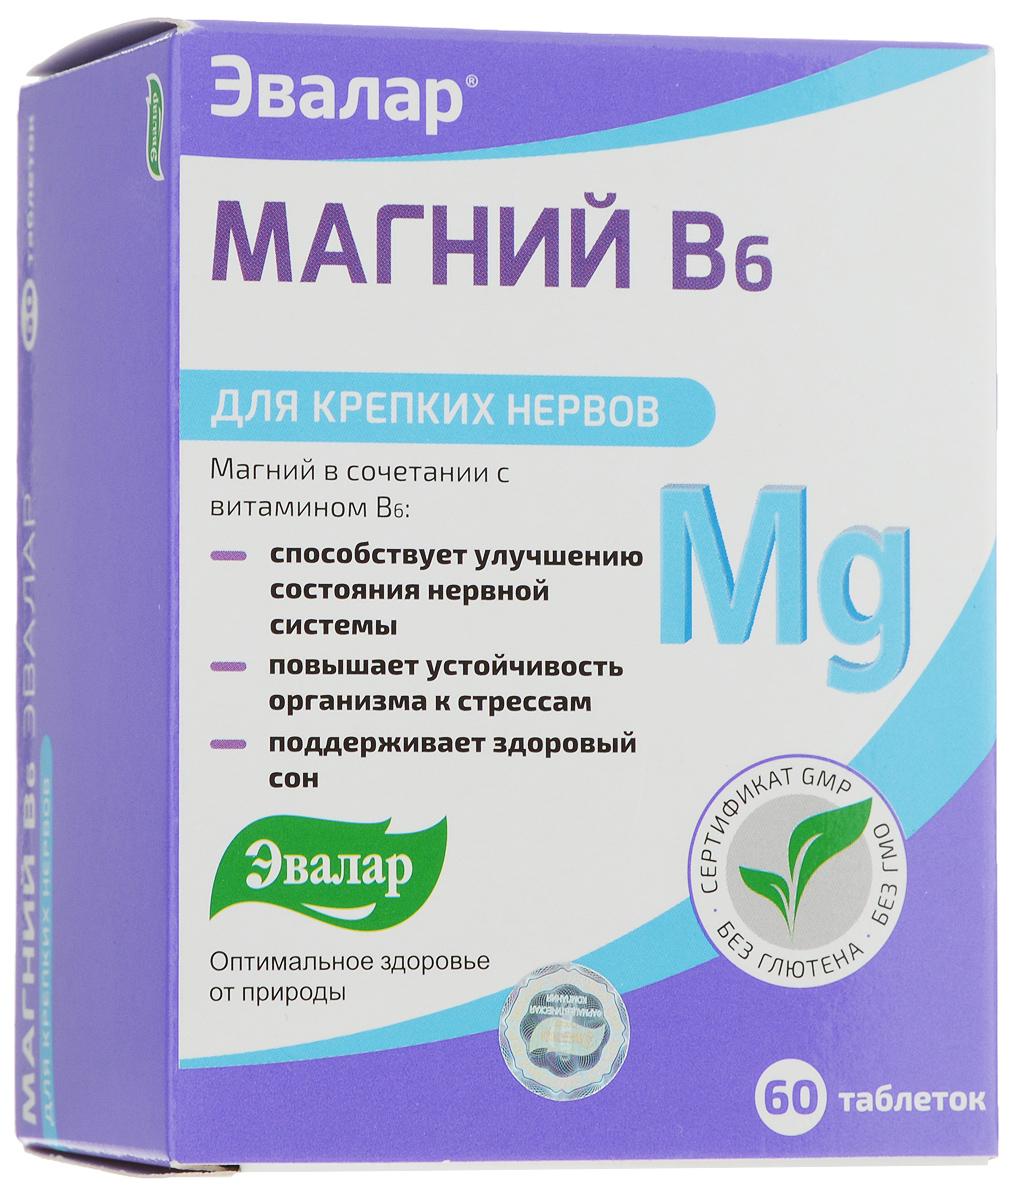 Магний В6 Эвалар, для крепких нервов, 60 таблеток4602242008378Магний в сочетании с витамином В6 способствует улучшению состояния нервной системы, повышает устойчивость организма к стрессам, поддерживает здоровый сон. Магний является жизненно важным макроэлементом. В стрессовых ситуациях организм теряет значительное количество ионов магния, в связи с чем его дополнительный прием защищает организм от последствий стресса. Магний поддерживает клеточный иммунитет, учувствует в регуляции обмена веществ, способствует правильному распределению кальция в организме, снятию мышечных спазмов и судорог. Витамин В6 улучшает усвоение магния и его метаболизм в клетке, обладает способностью фиксировать магний в клетке, что очень важно, поскольку макроэлемент быстро выводится из организма. Рекомендации по применению: Взрослым по 2 таблетки 3 раза в день во время еды. Продолжительность приема - не менее 1 месяца. Состав: магния аспарагинат, мальтодекстрин, целлюлоза микрокристаллическая (наполнитель), поливинилпирролидон и кроскарамеллоза (носители), диоксид кремния аморфный, стеарат кальция и стеариновая кислота растительного происхождения (антислеживающие добавки), крахмал кукурузный (наполнитель), пиридоксина гидрохлорид; компоненты пленочного покрытия: гидроксипропилметилцеллюлоза, глицерин. Товар не является лекарственным средством. Товар не рекомендован для лиц младше 18 лет. Могут быть противопоказания, и следует предварительно проконсультироваться со специалистом. Товар сертифицирован.